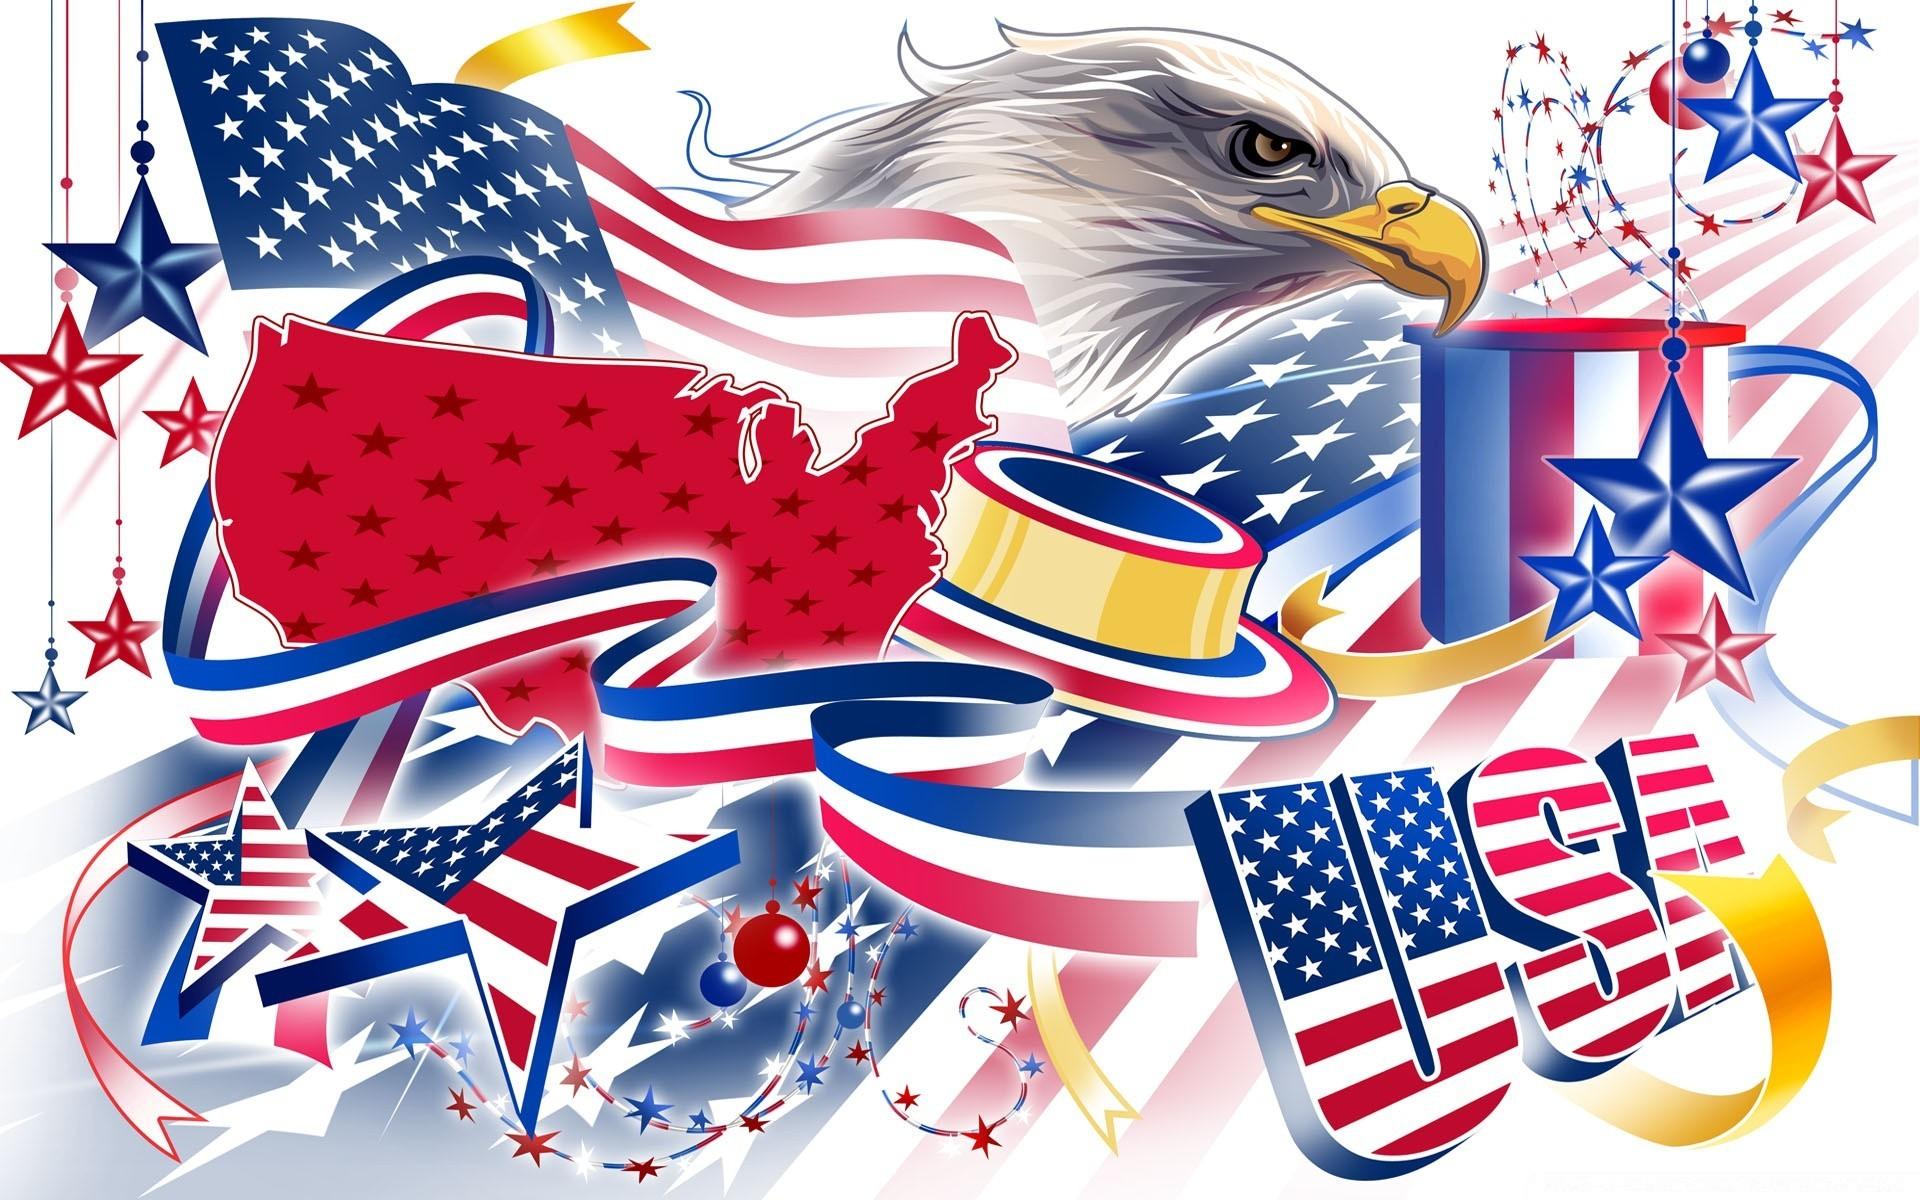 день независимости открытки на английскому необходимости можно